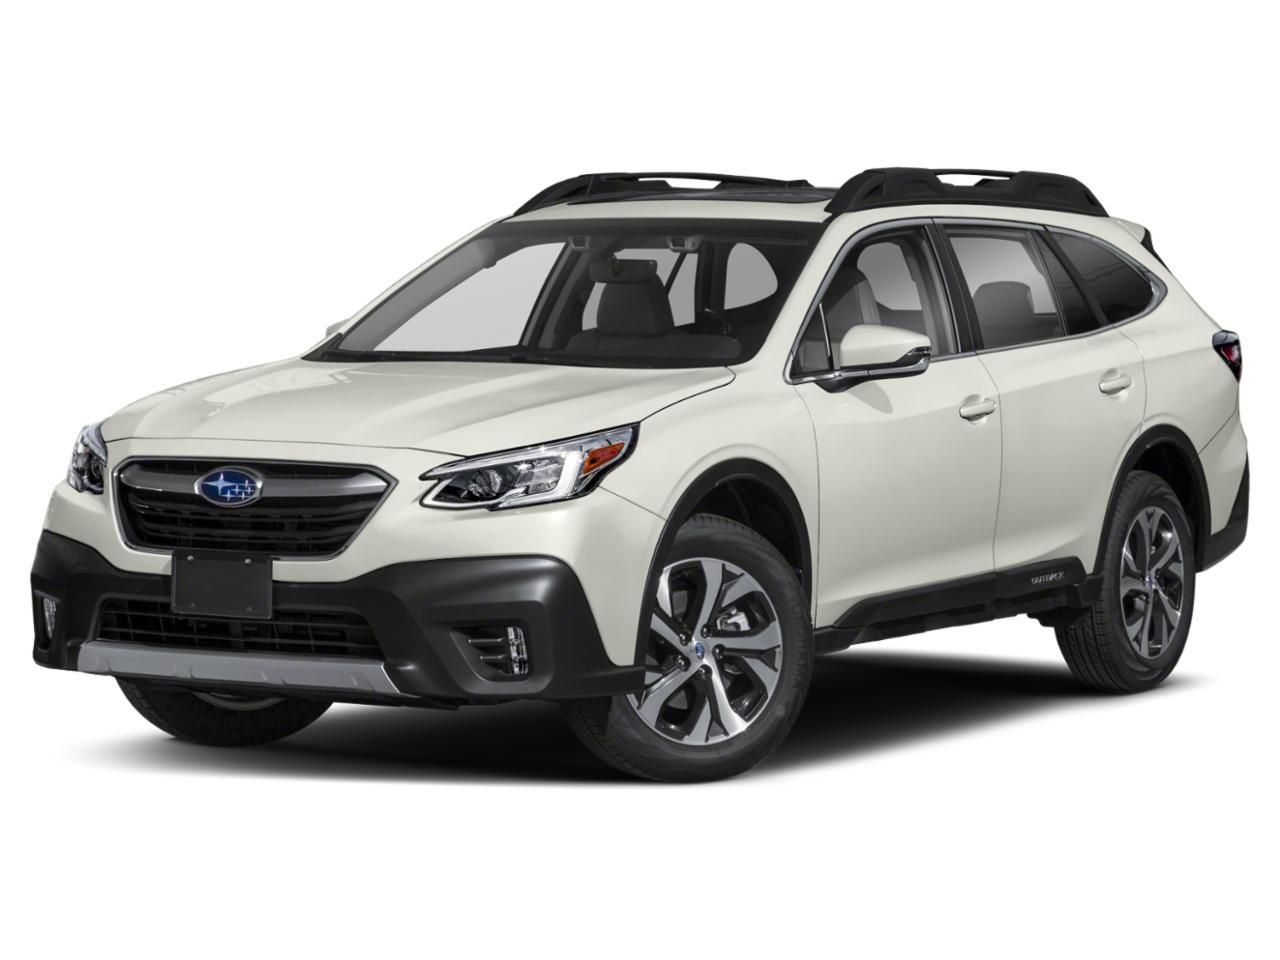 2022 Subaru Outback Vehicle Photo in Oshkosh, WI 54904